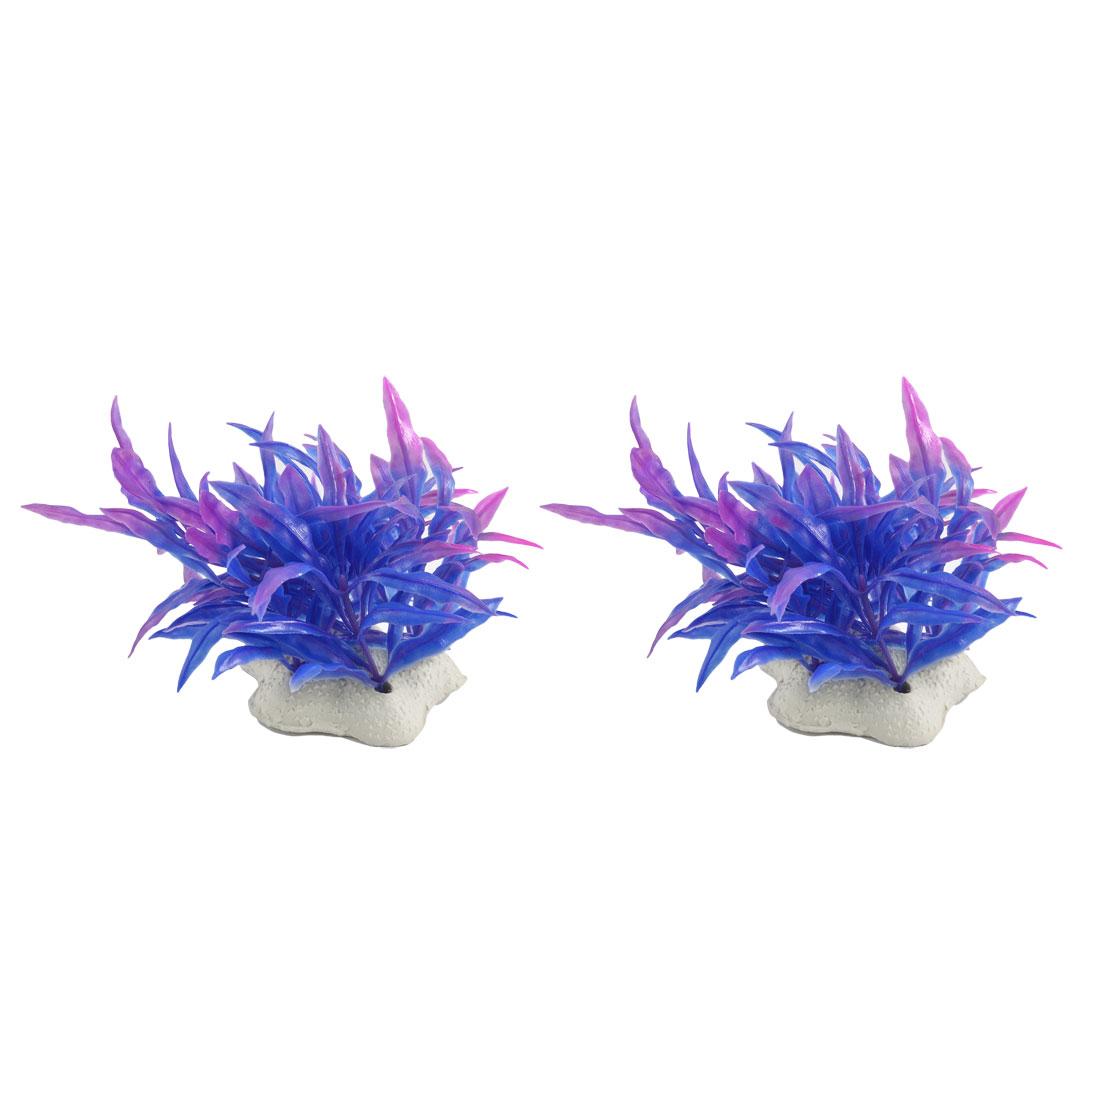 2 Pcs Underwater Blue Fuchsia Plastic Plants Ornament for Aquarium Fish Tank